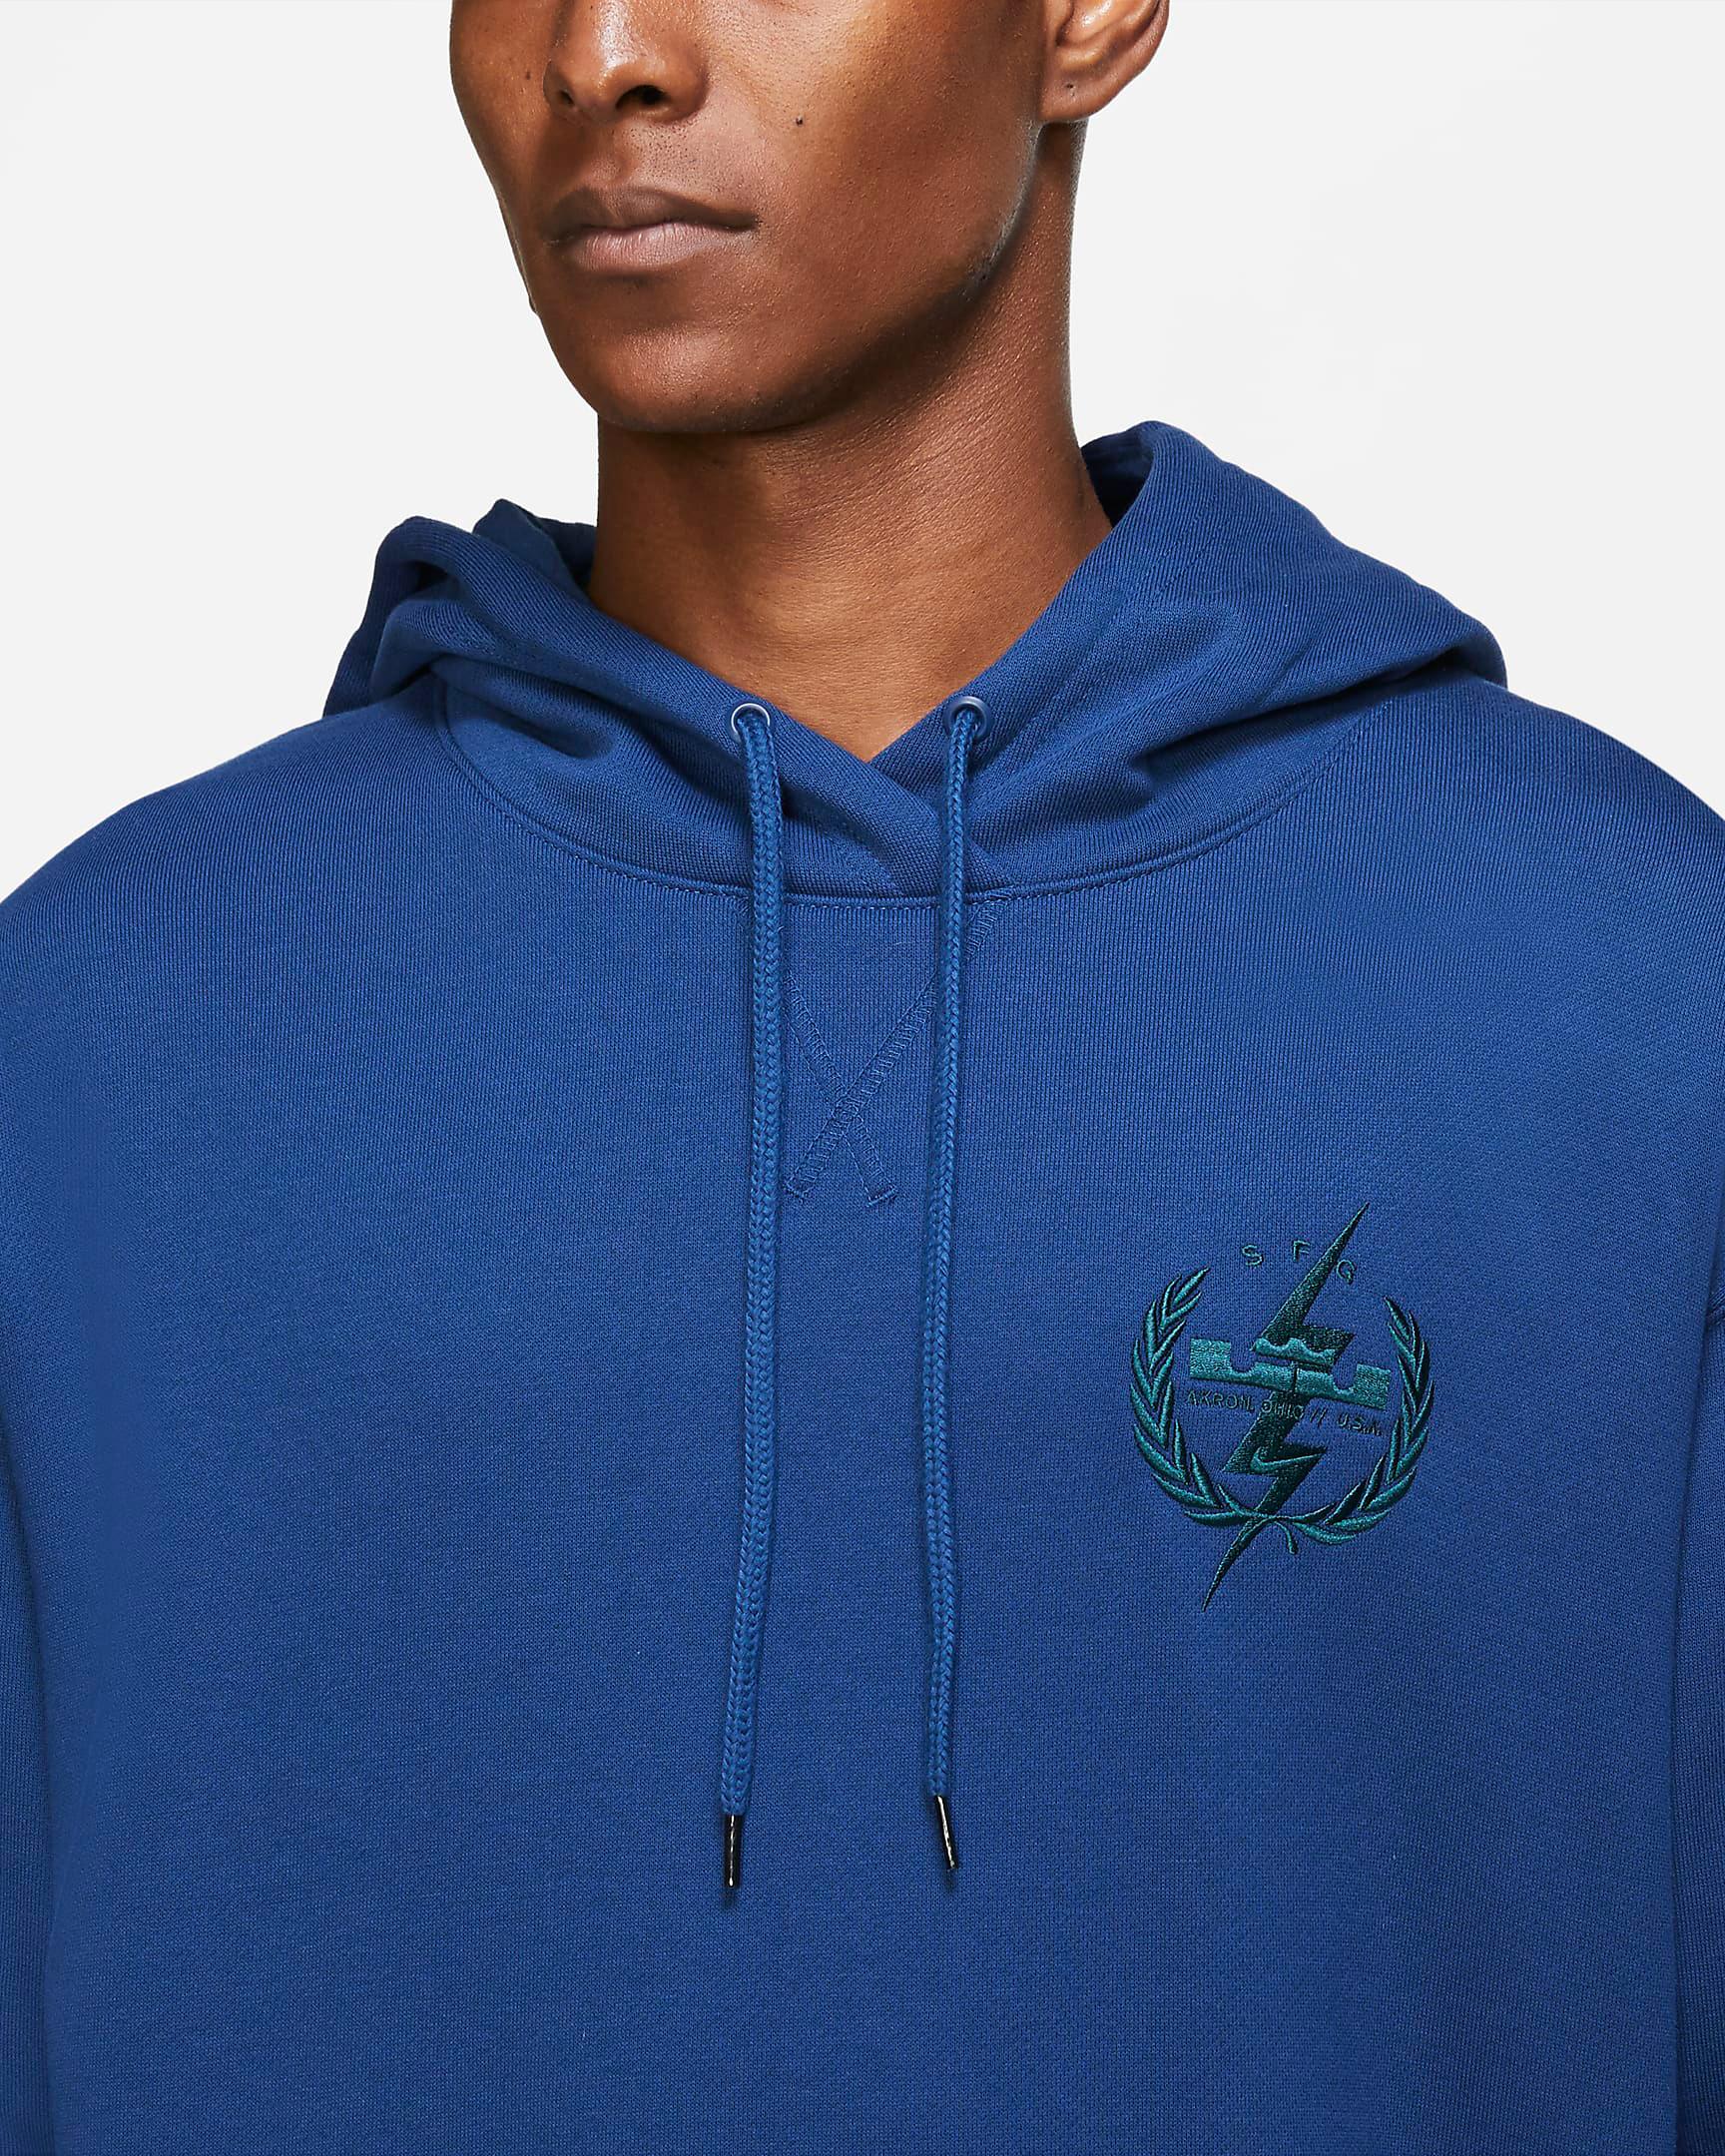 nike-lebron-baseball-blue-hoodie-2